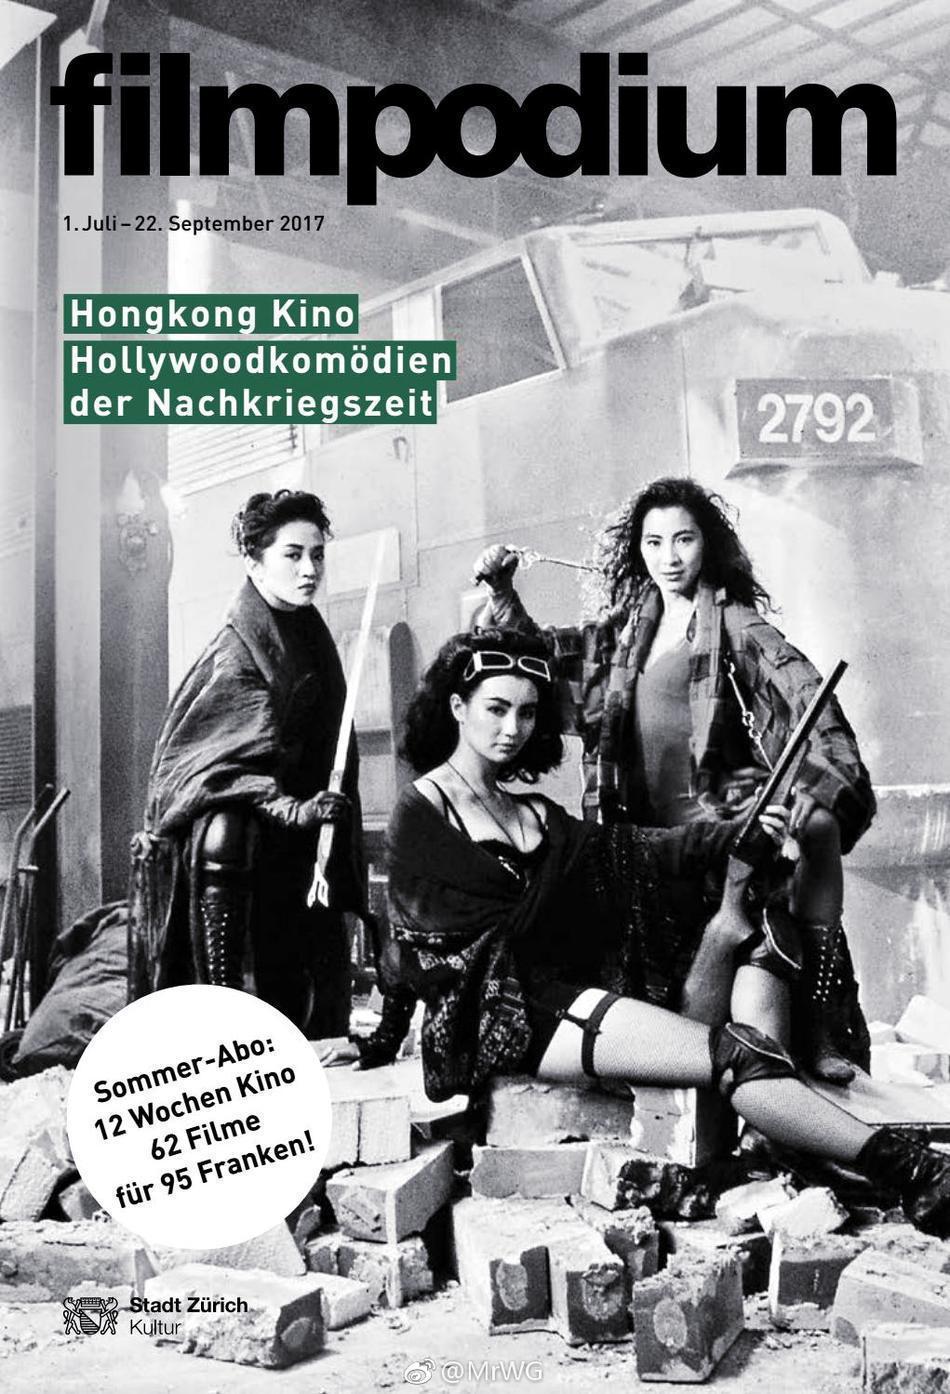 瑞典權威電影雜誌「Filmpodium」9月份封面。圖/摘自微博